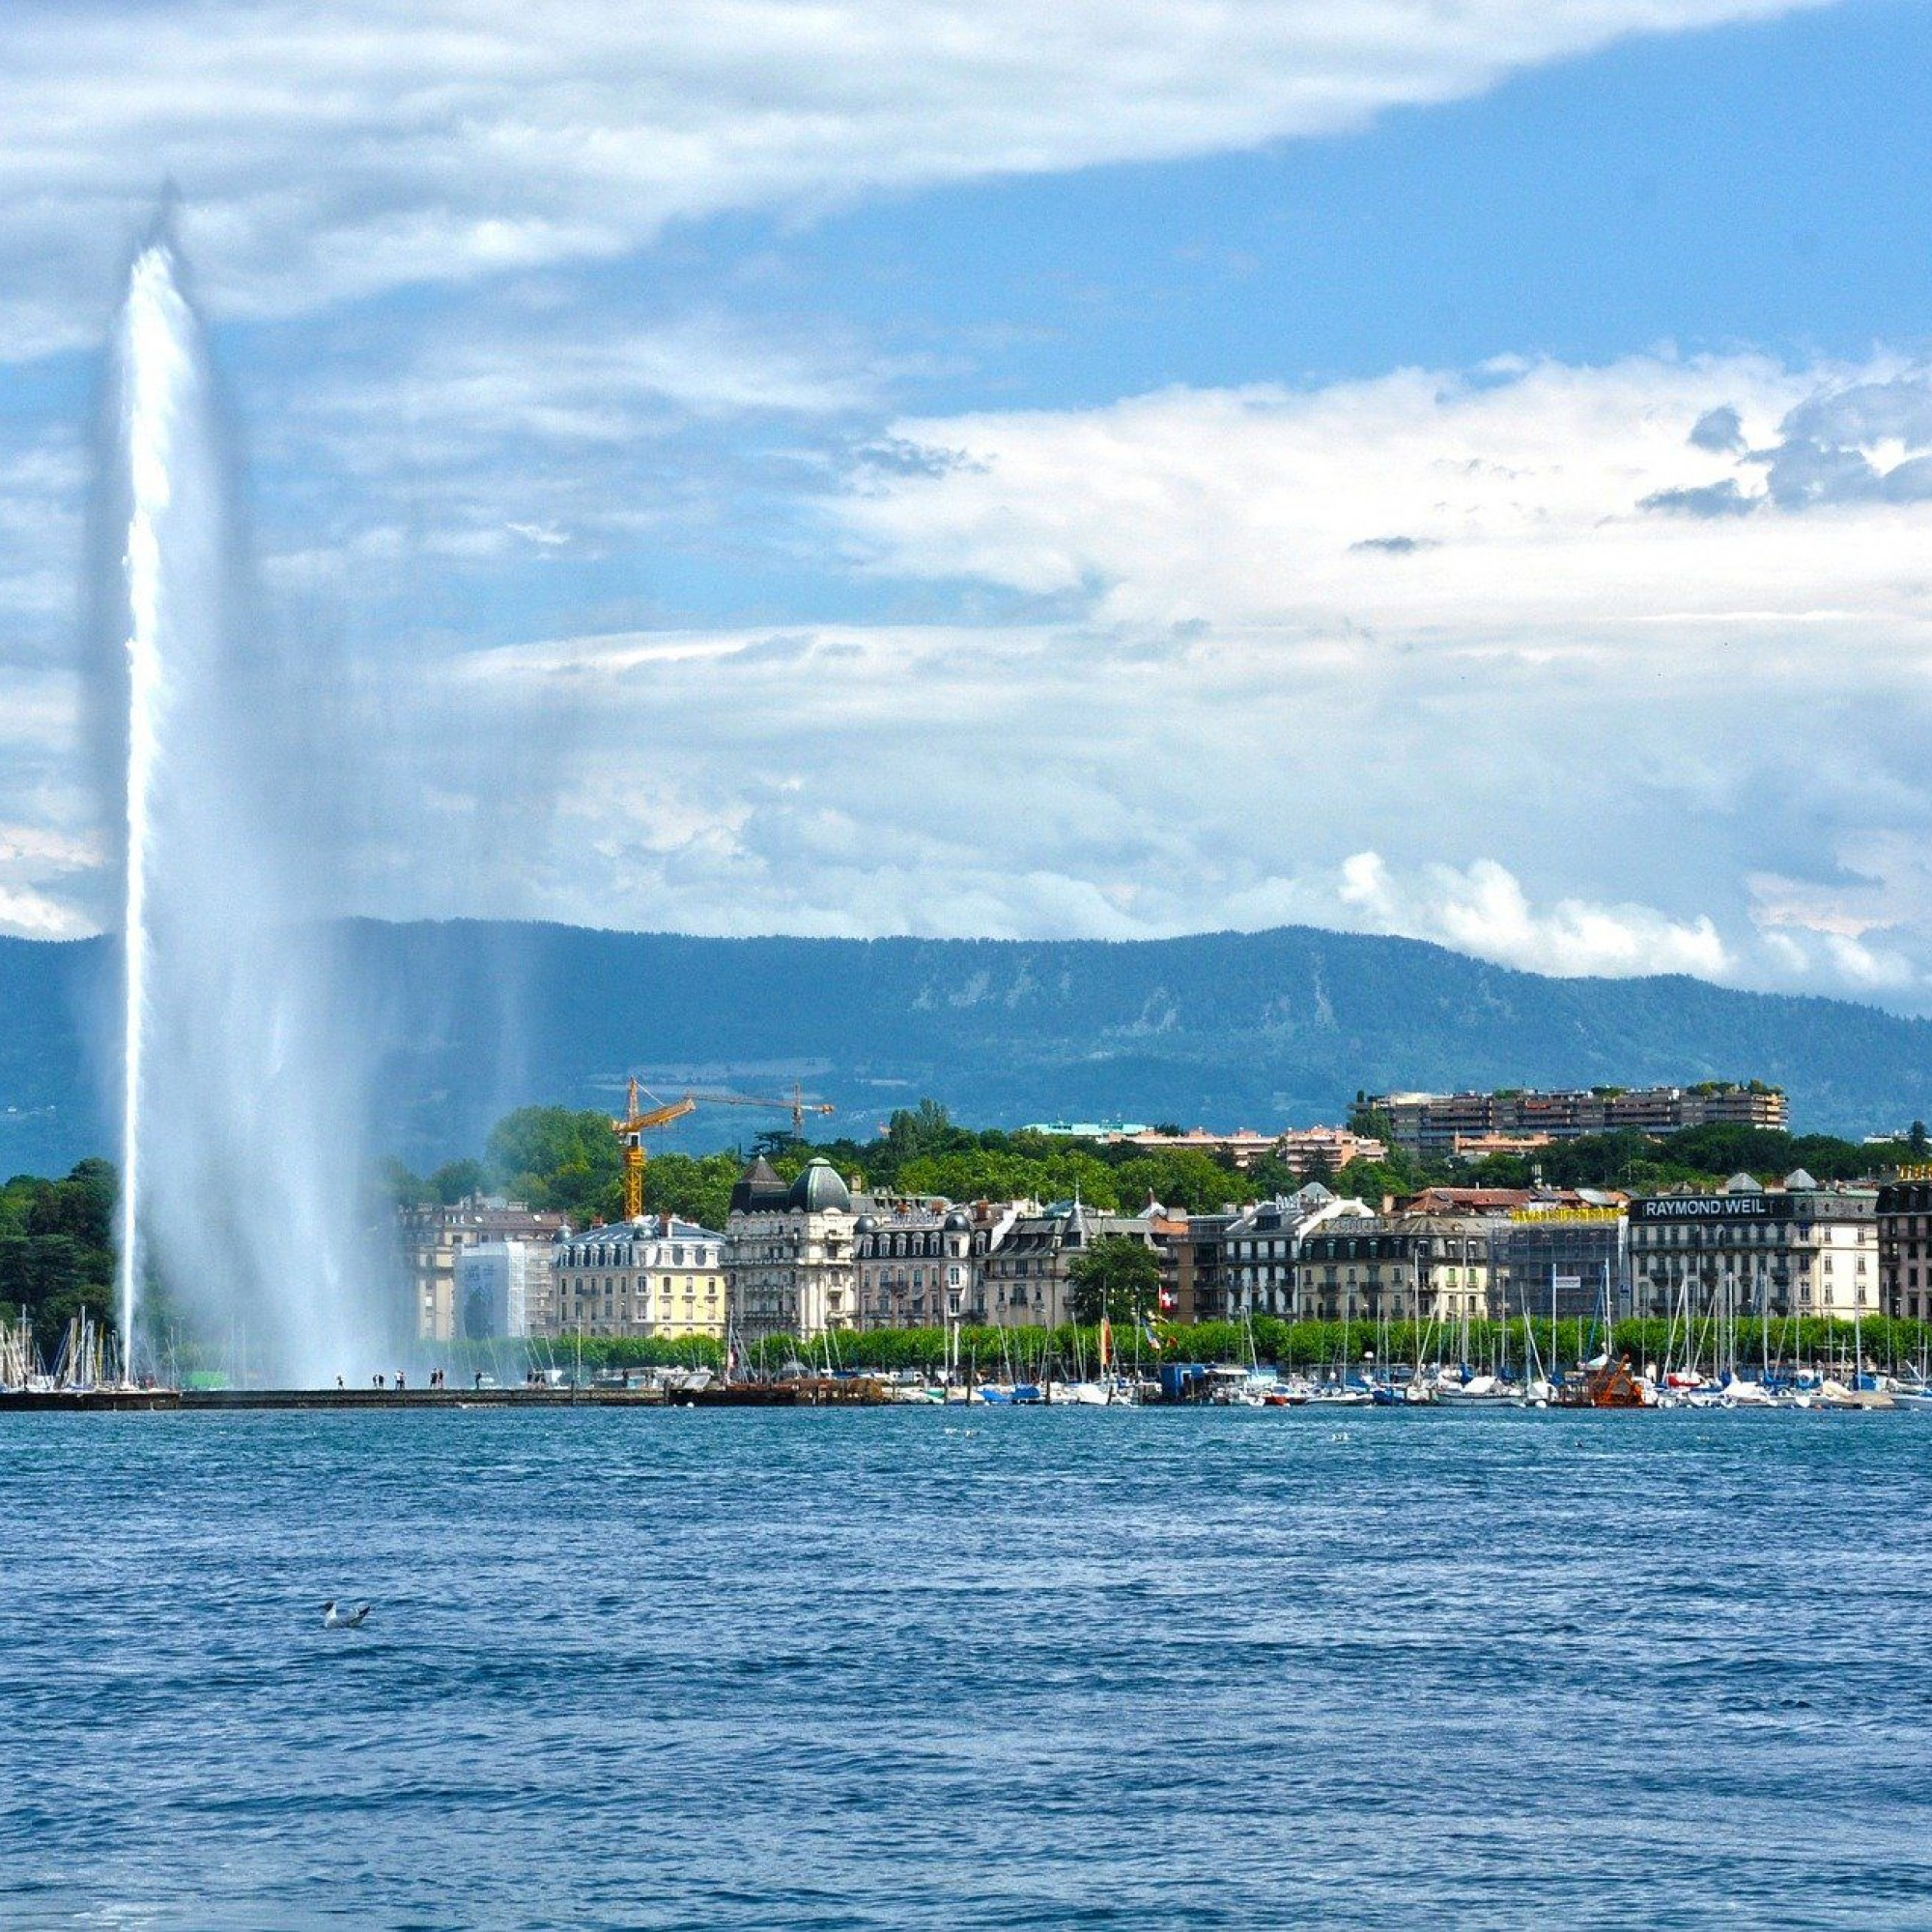 Jet d'eau, Genève, Suisse, lac Léman